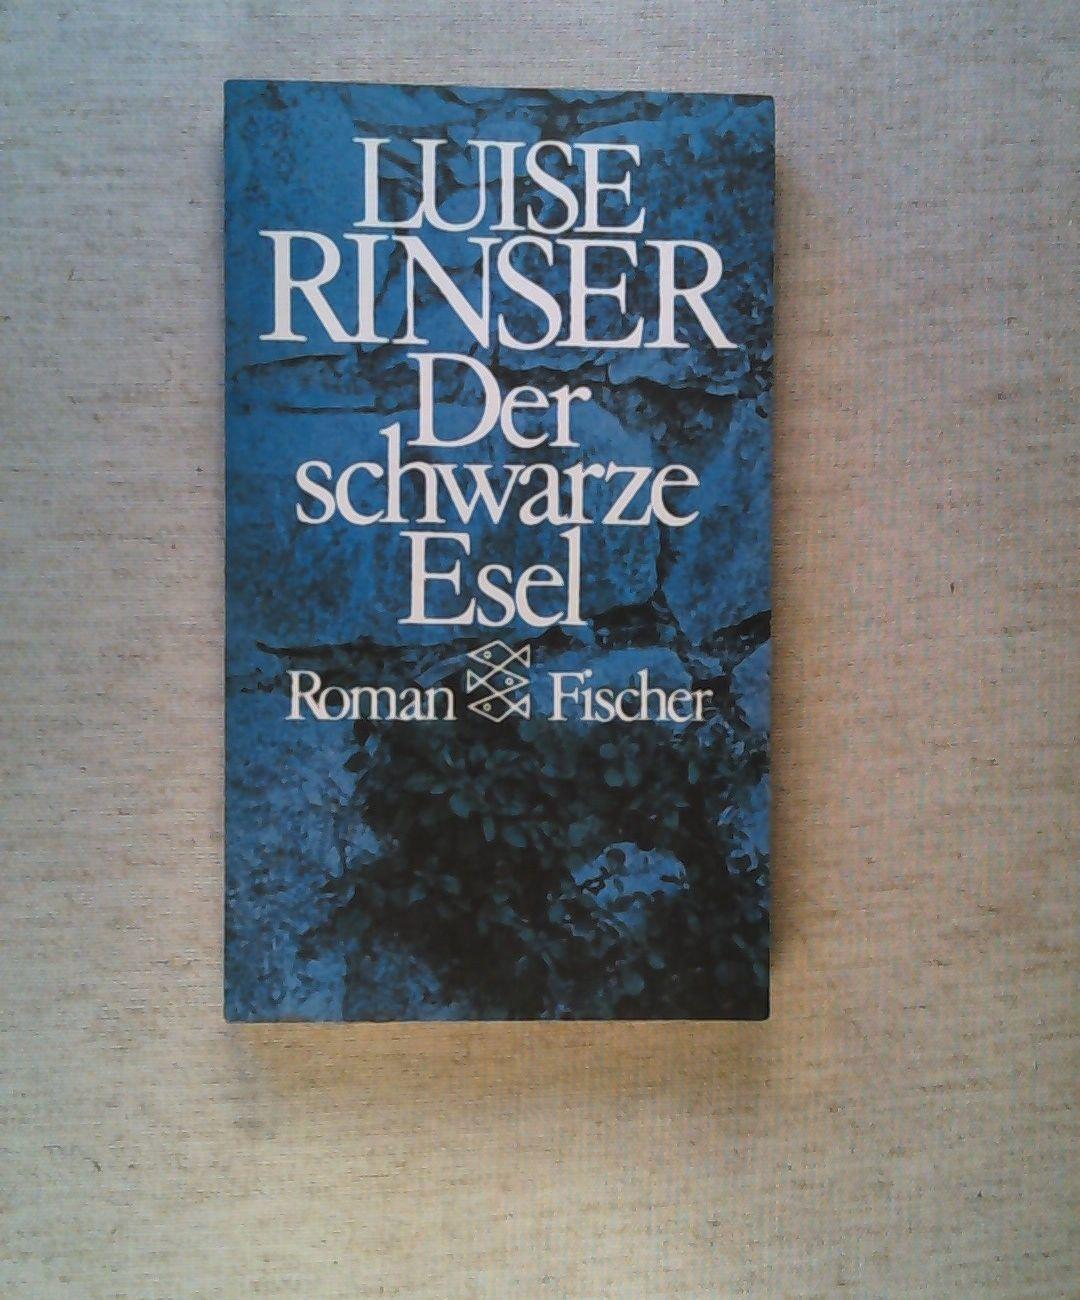 Der schwarze Esel - Rinser, Luise